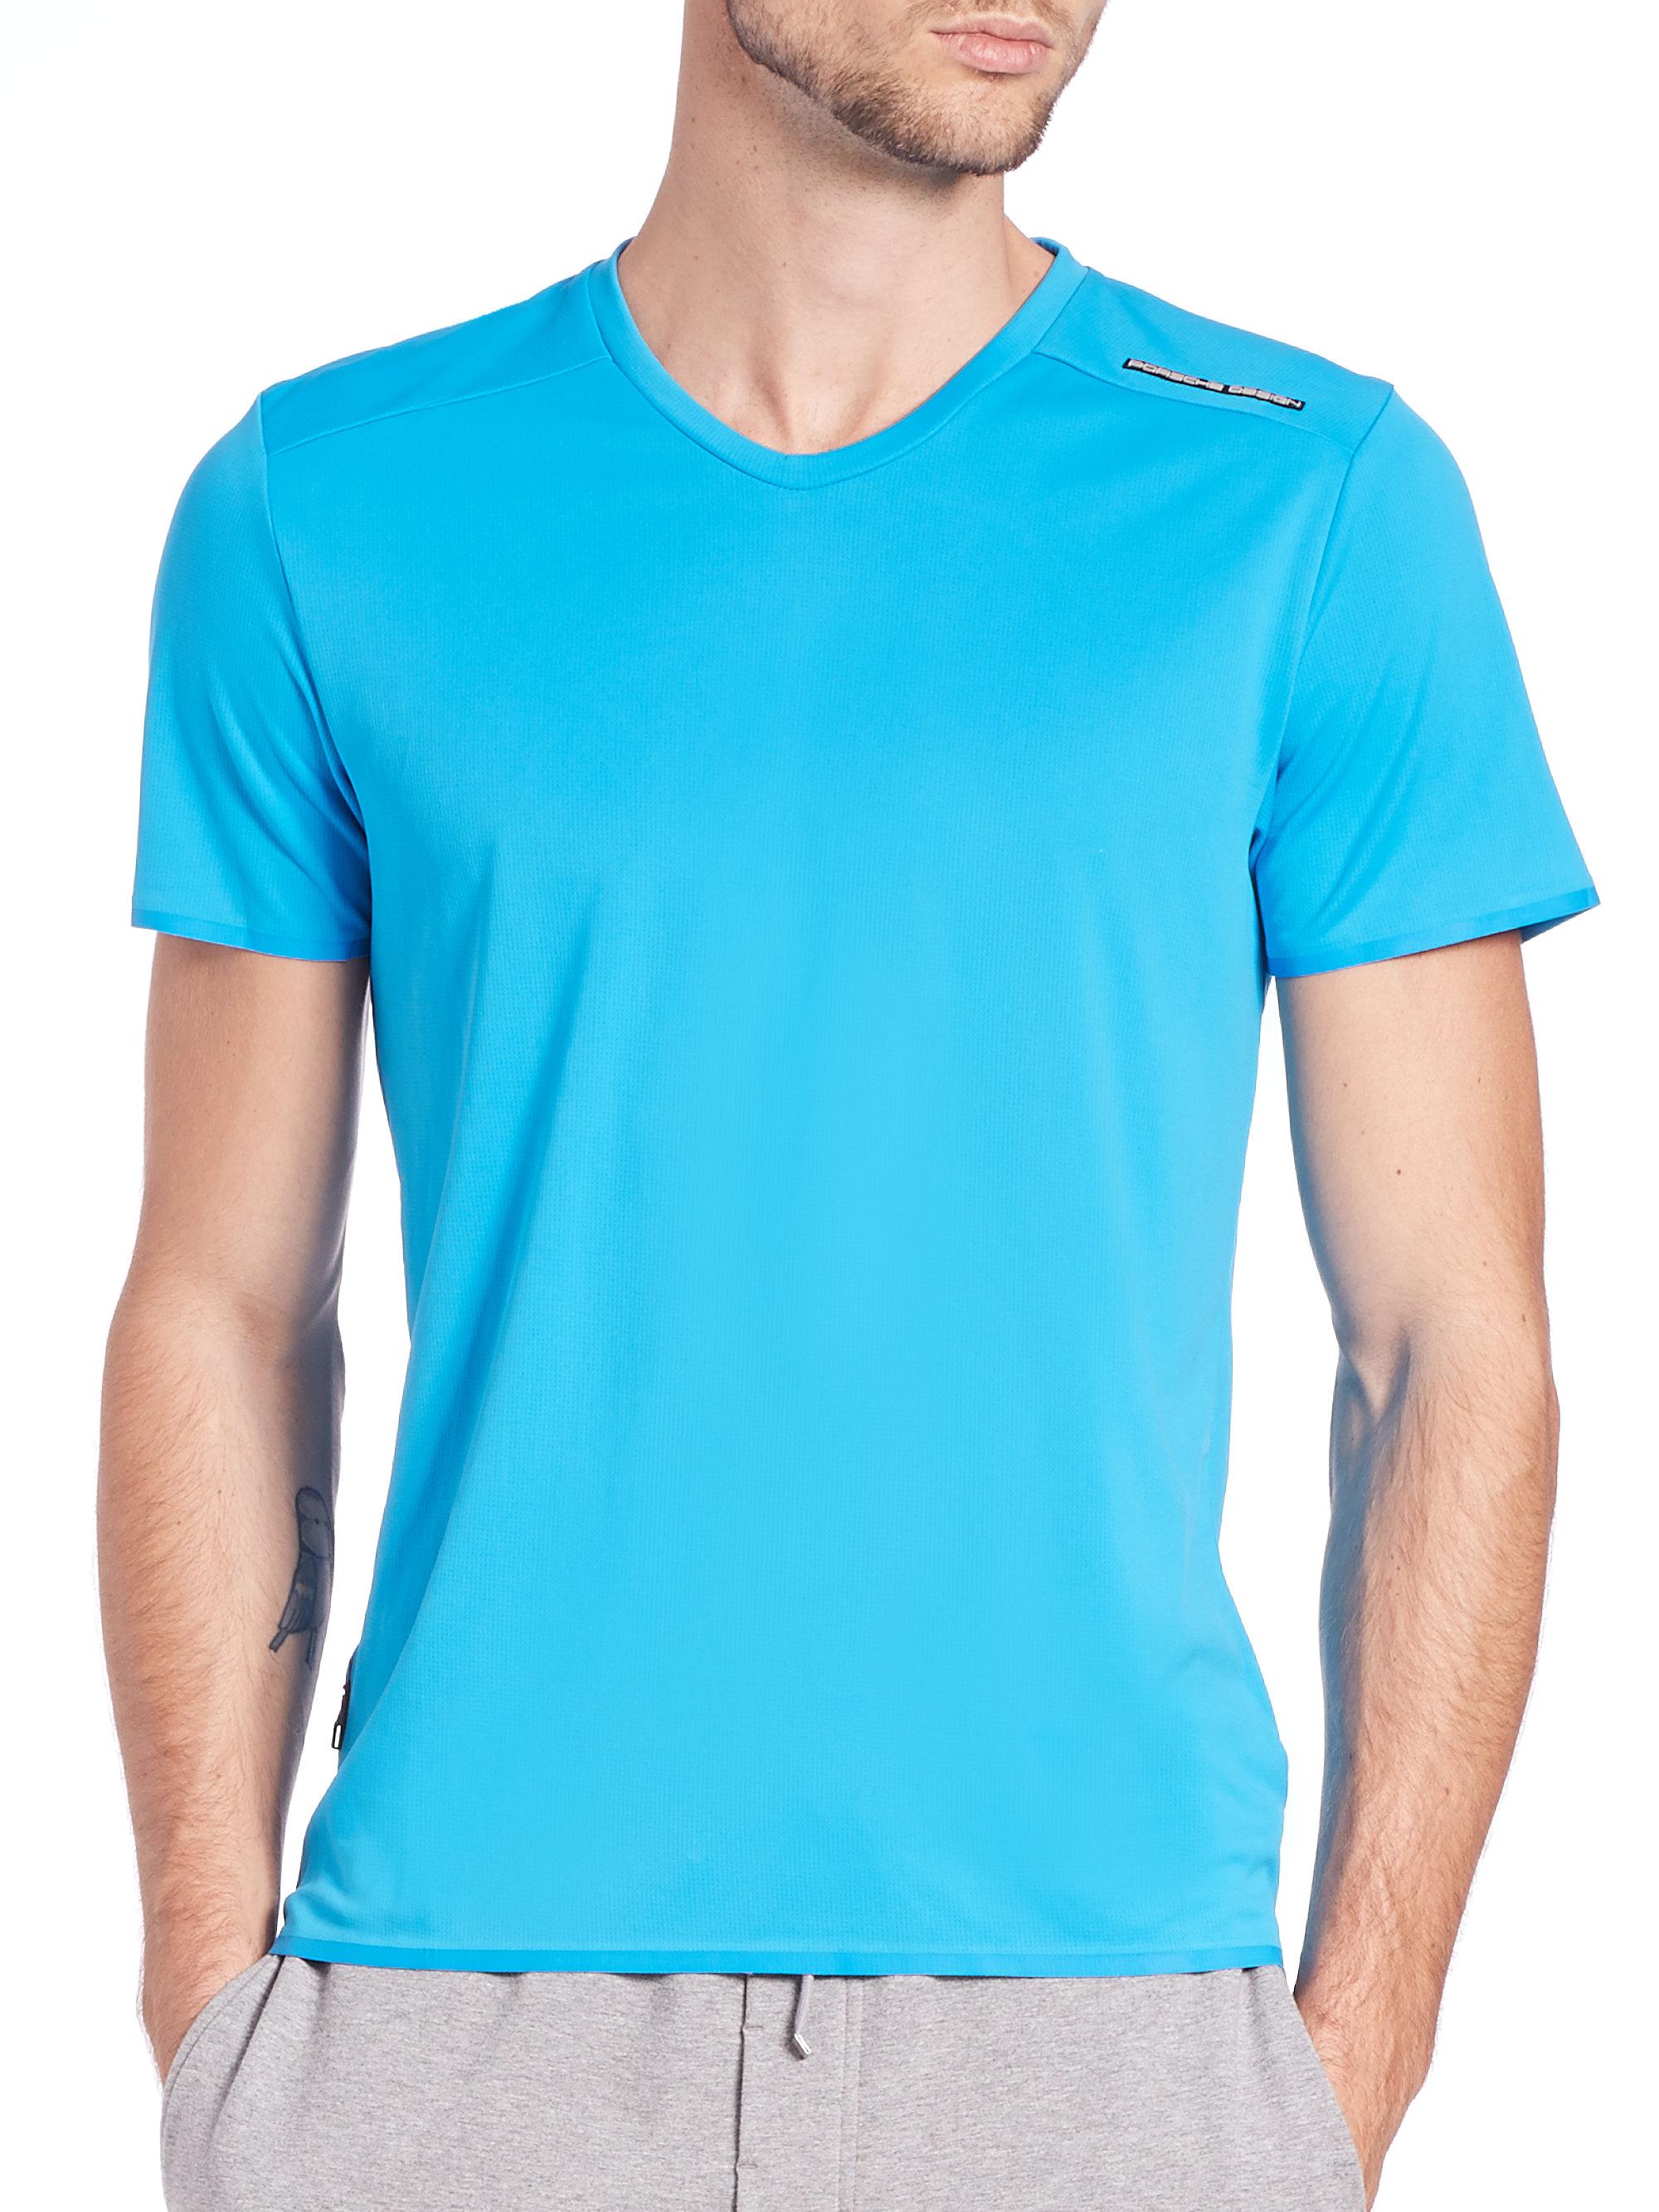 Lyst porsche design aqua chill t shirt in blue for men for Aqua blue color t shirt